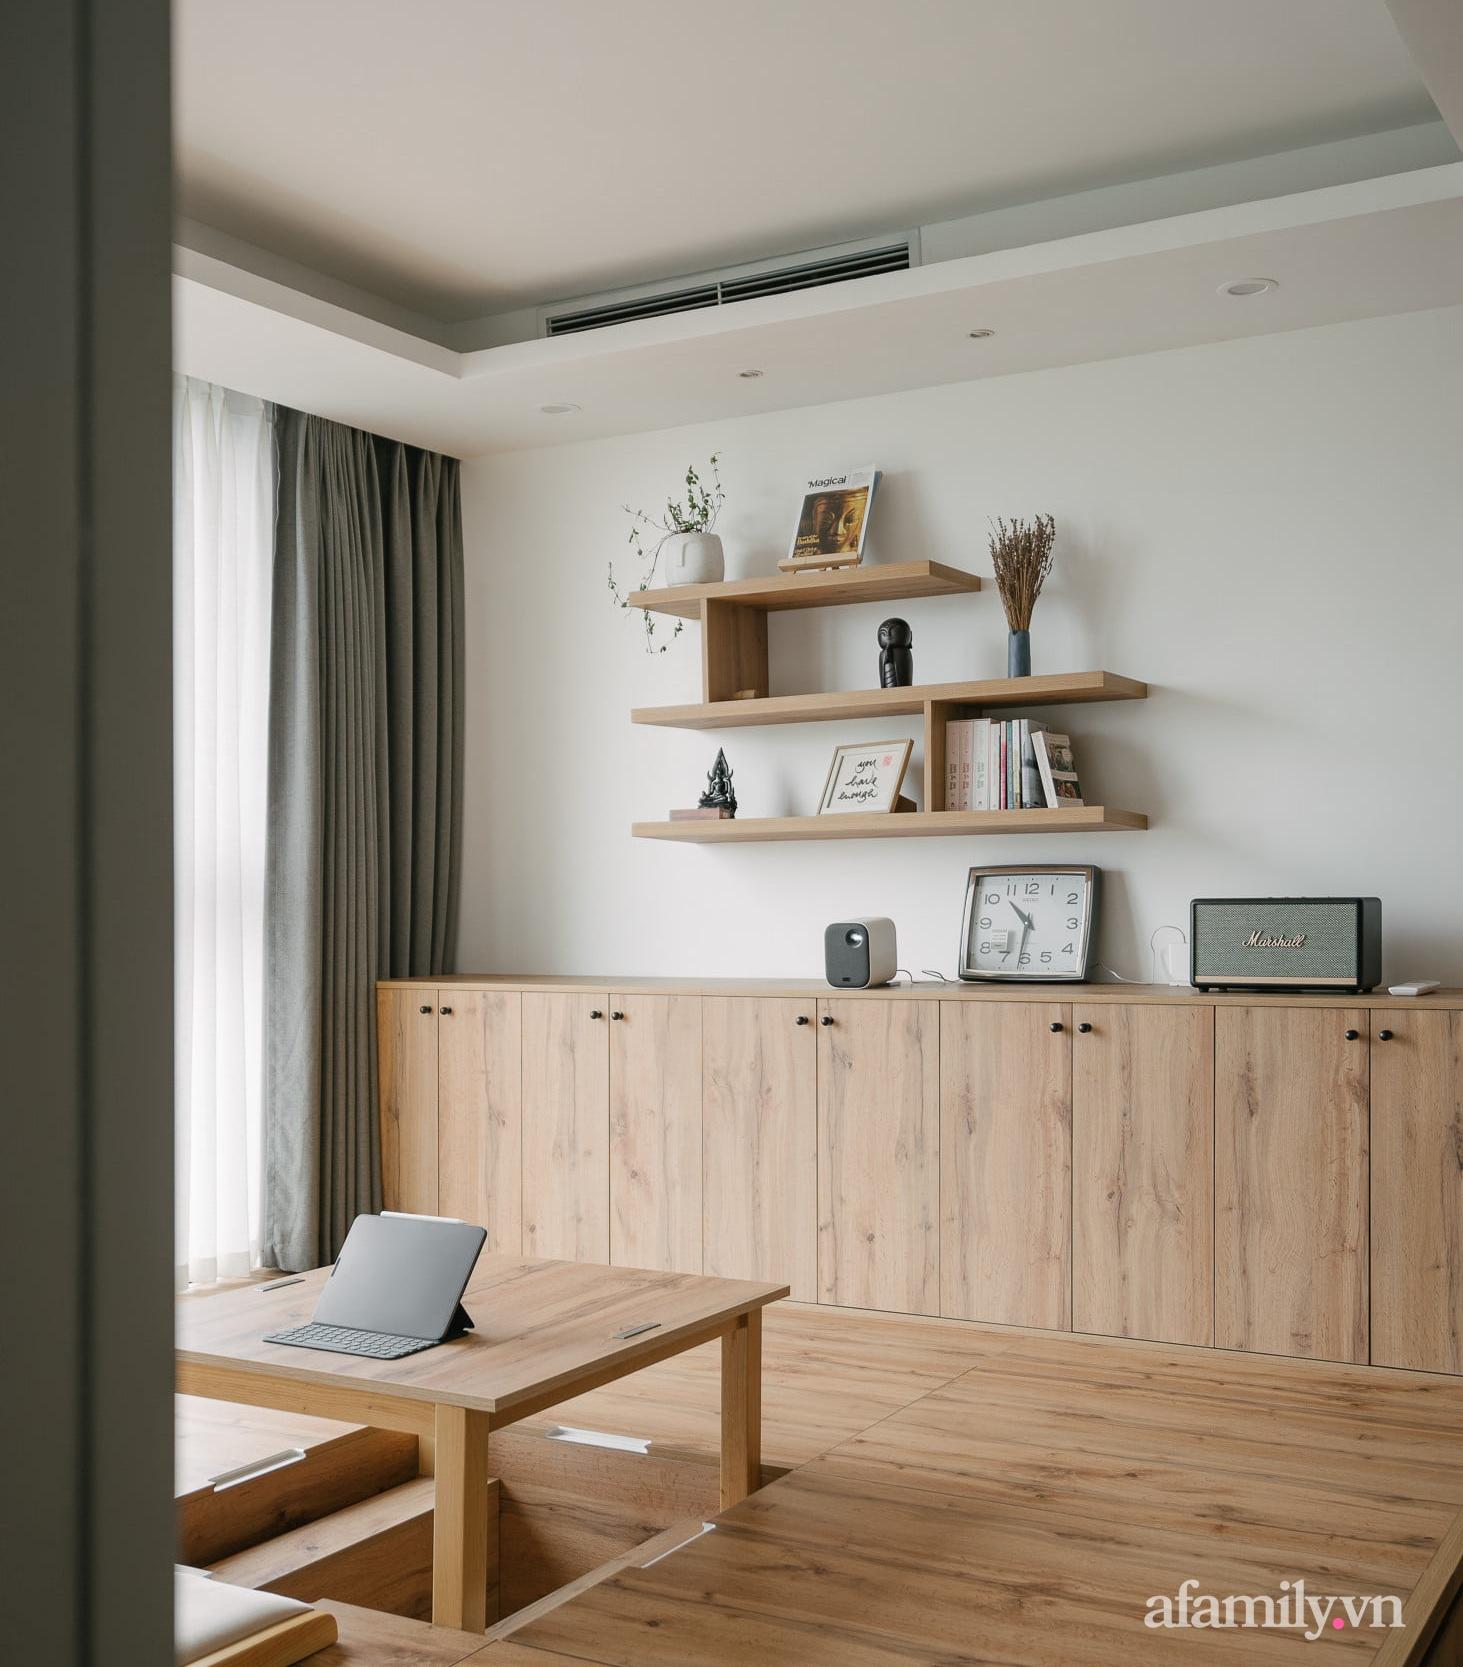 Sau 27 ngày cải tạo, chàng trai không nhận ra căn hộ 90m² của mình vì góc nào cũng xinh ở Giảng Võ, Hà Nội - Ảnh 8.